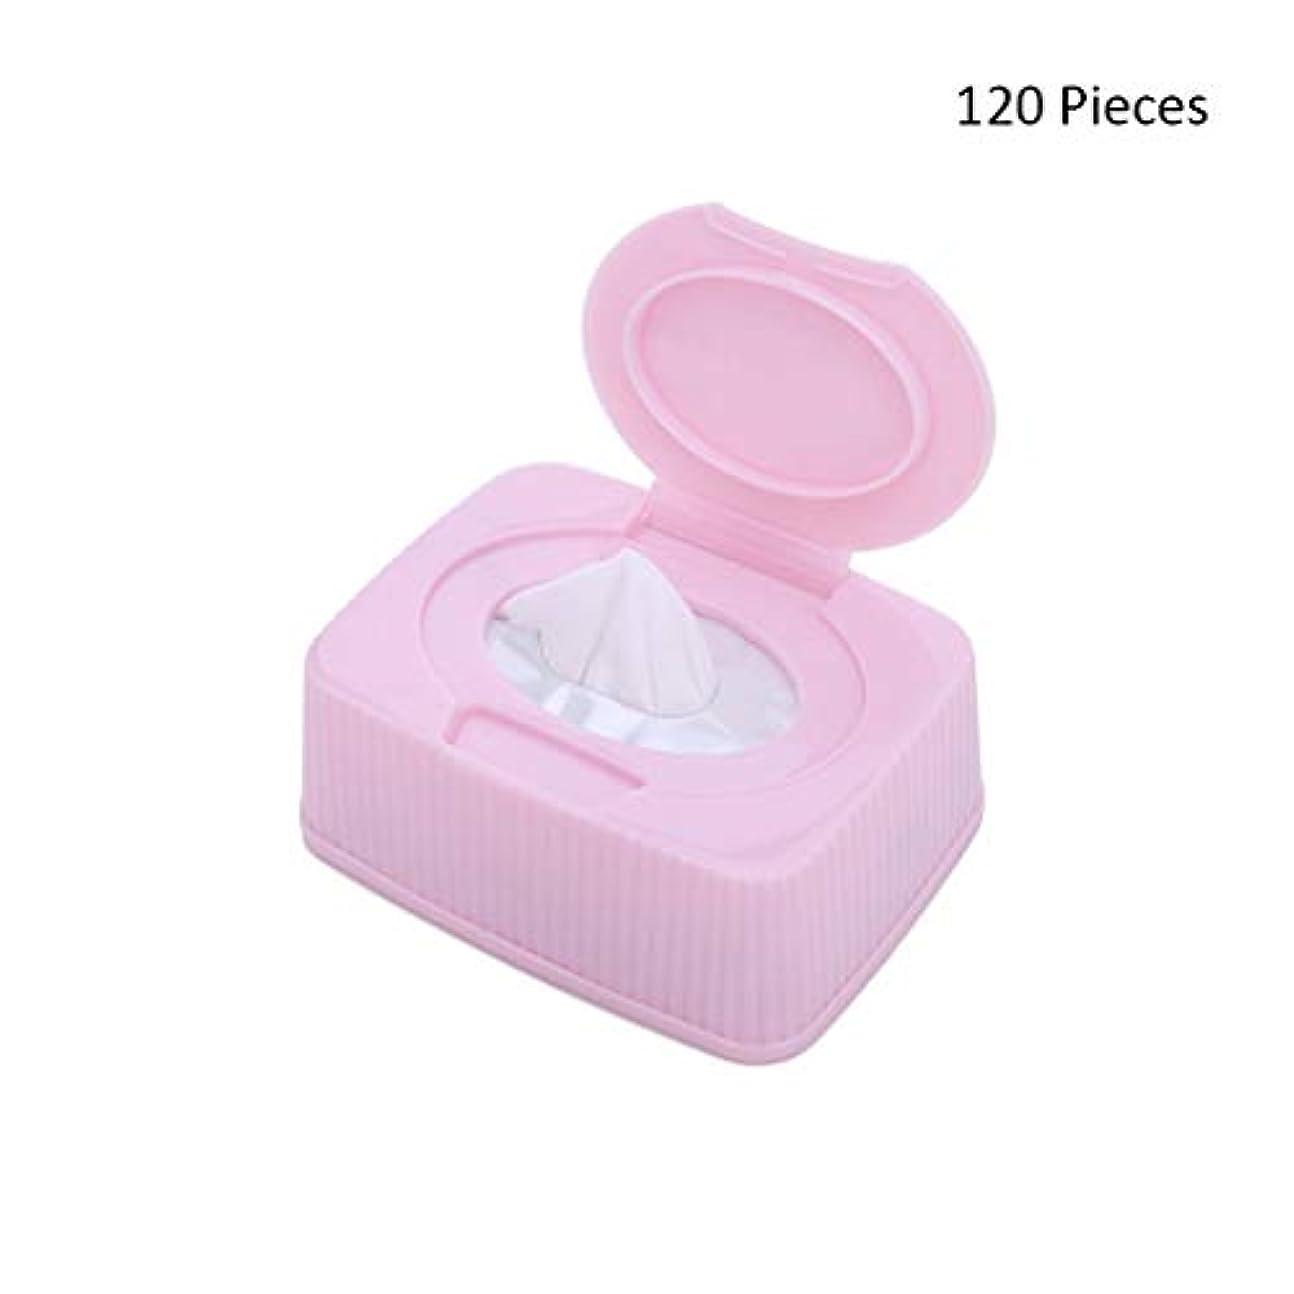 あそこアルファベット順塊120ピース/ボックスフェイスメイク落としフェイシャル化粧品リムーバーパッドメイクアップコットンクリーナースキンケアワイプフェイスウォッシュコットンパッド (Color : Pink, サイズ : 120 pieces)